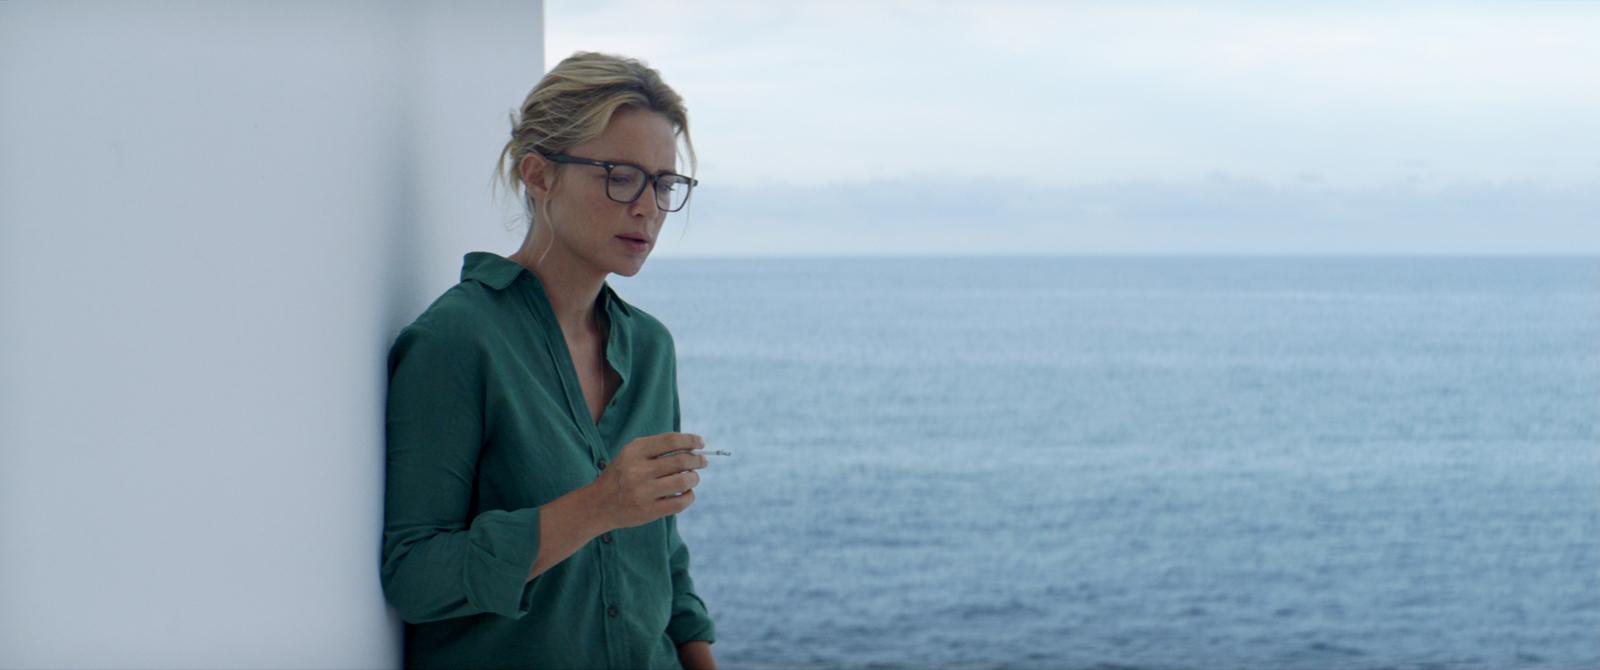 Sibyl, le nouveau film de Justine Triet avec Virginie Efira